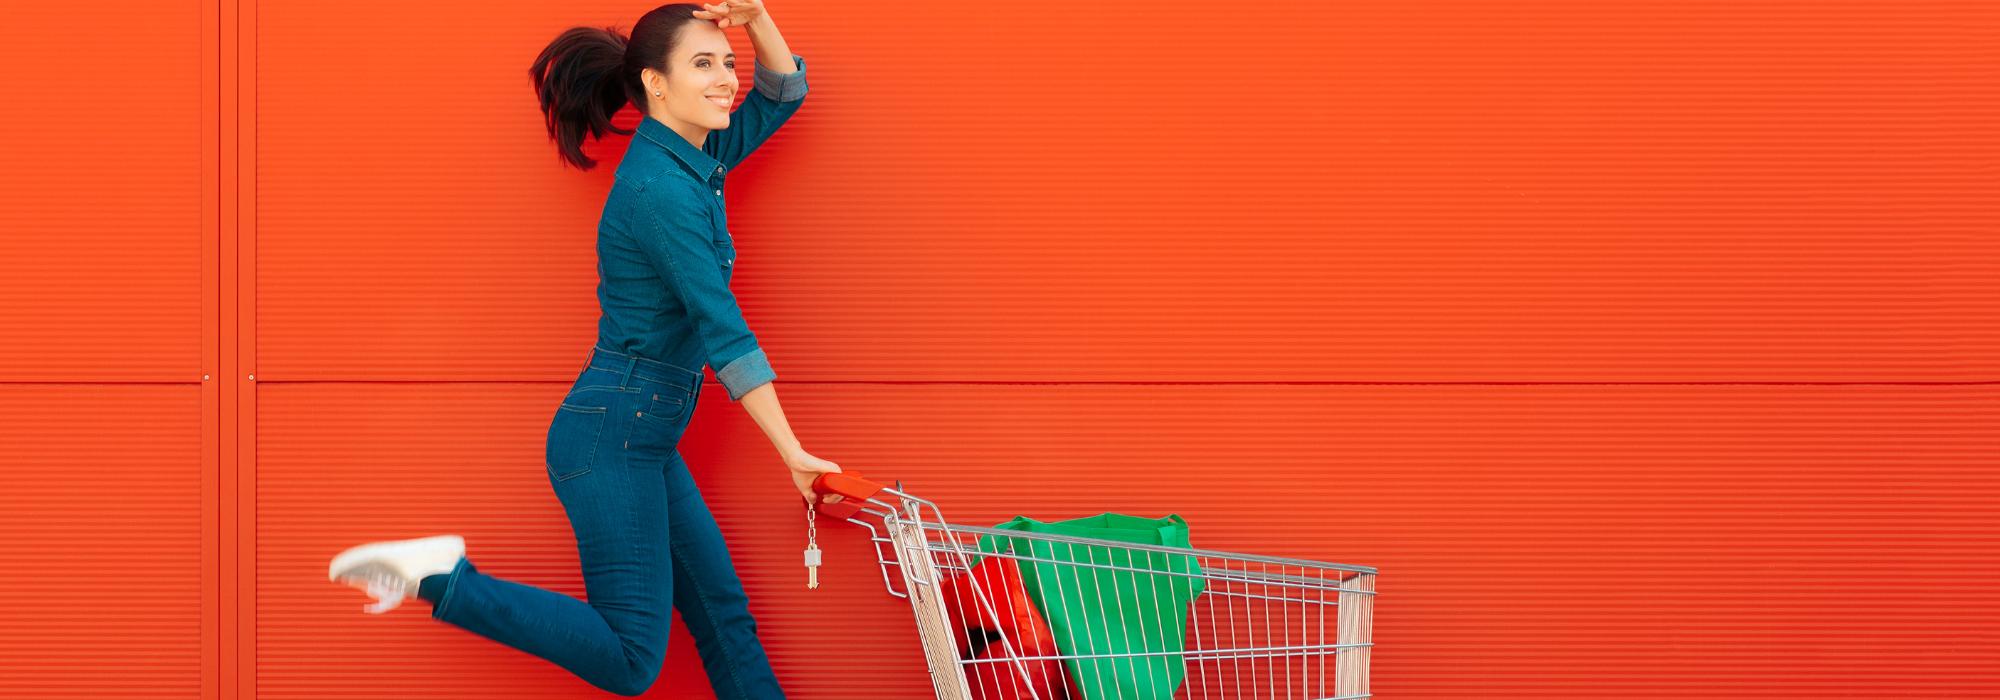 איך לגרום ללקוחות לקנות דווקא מכם?